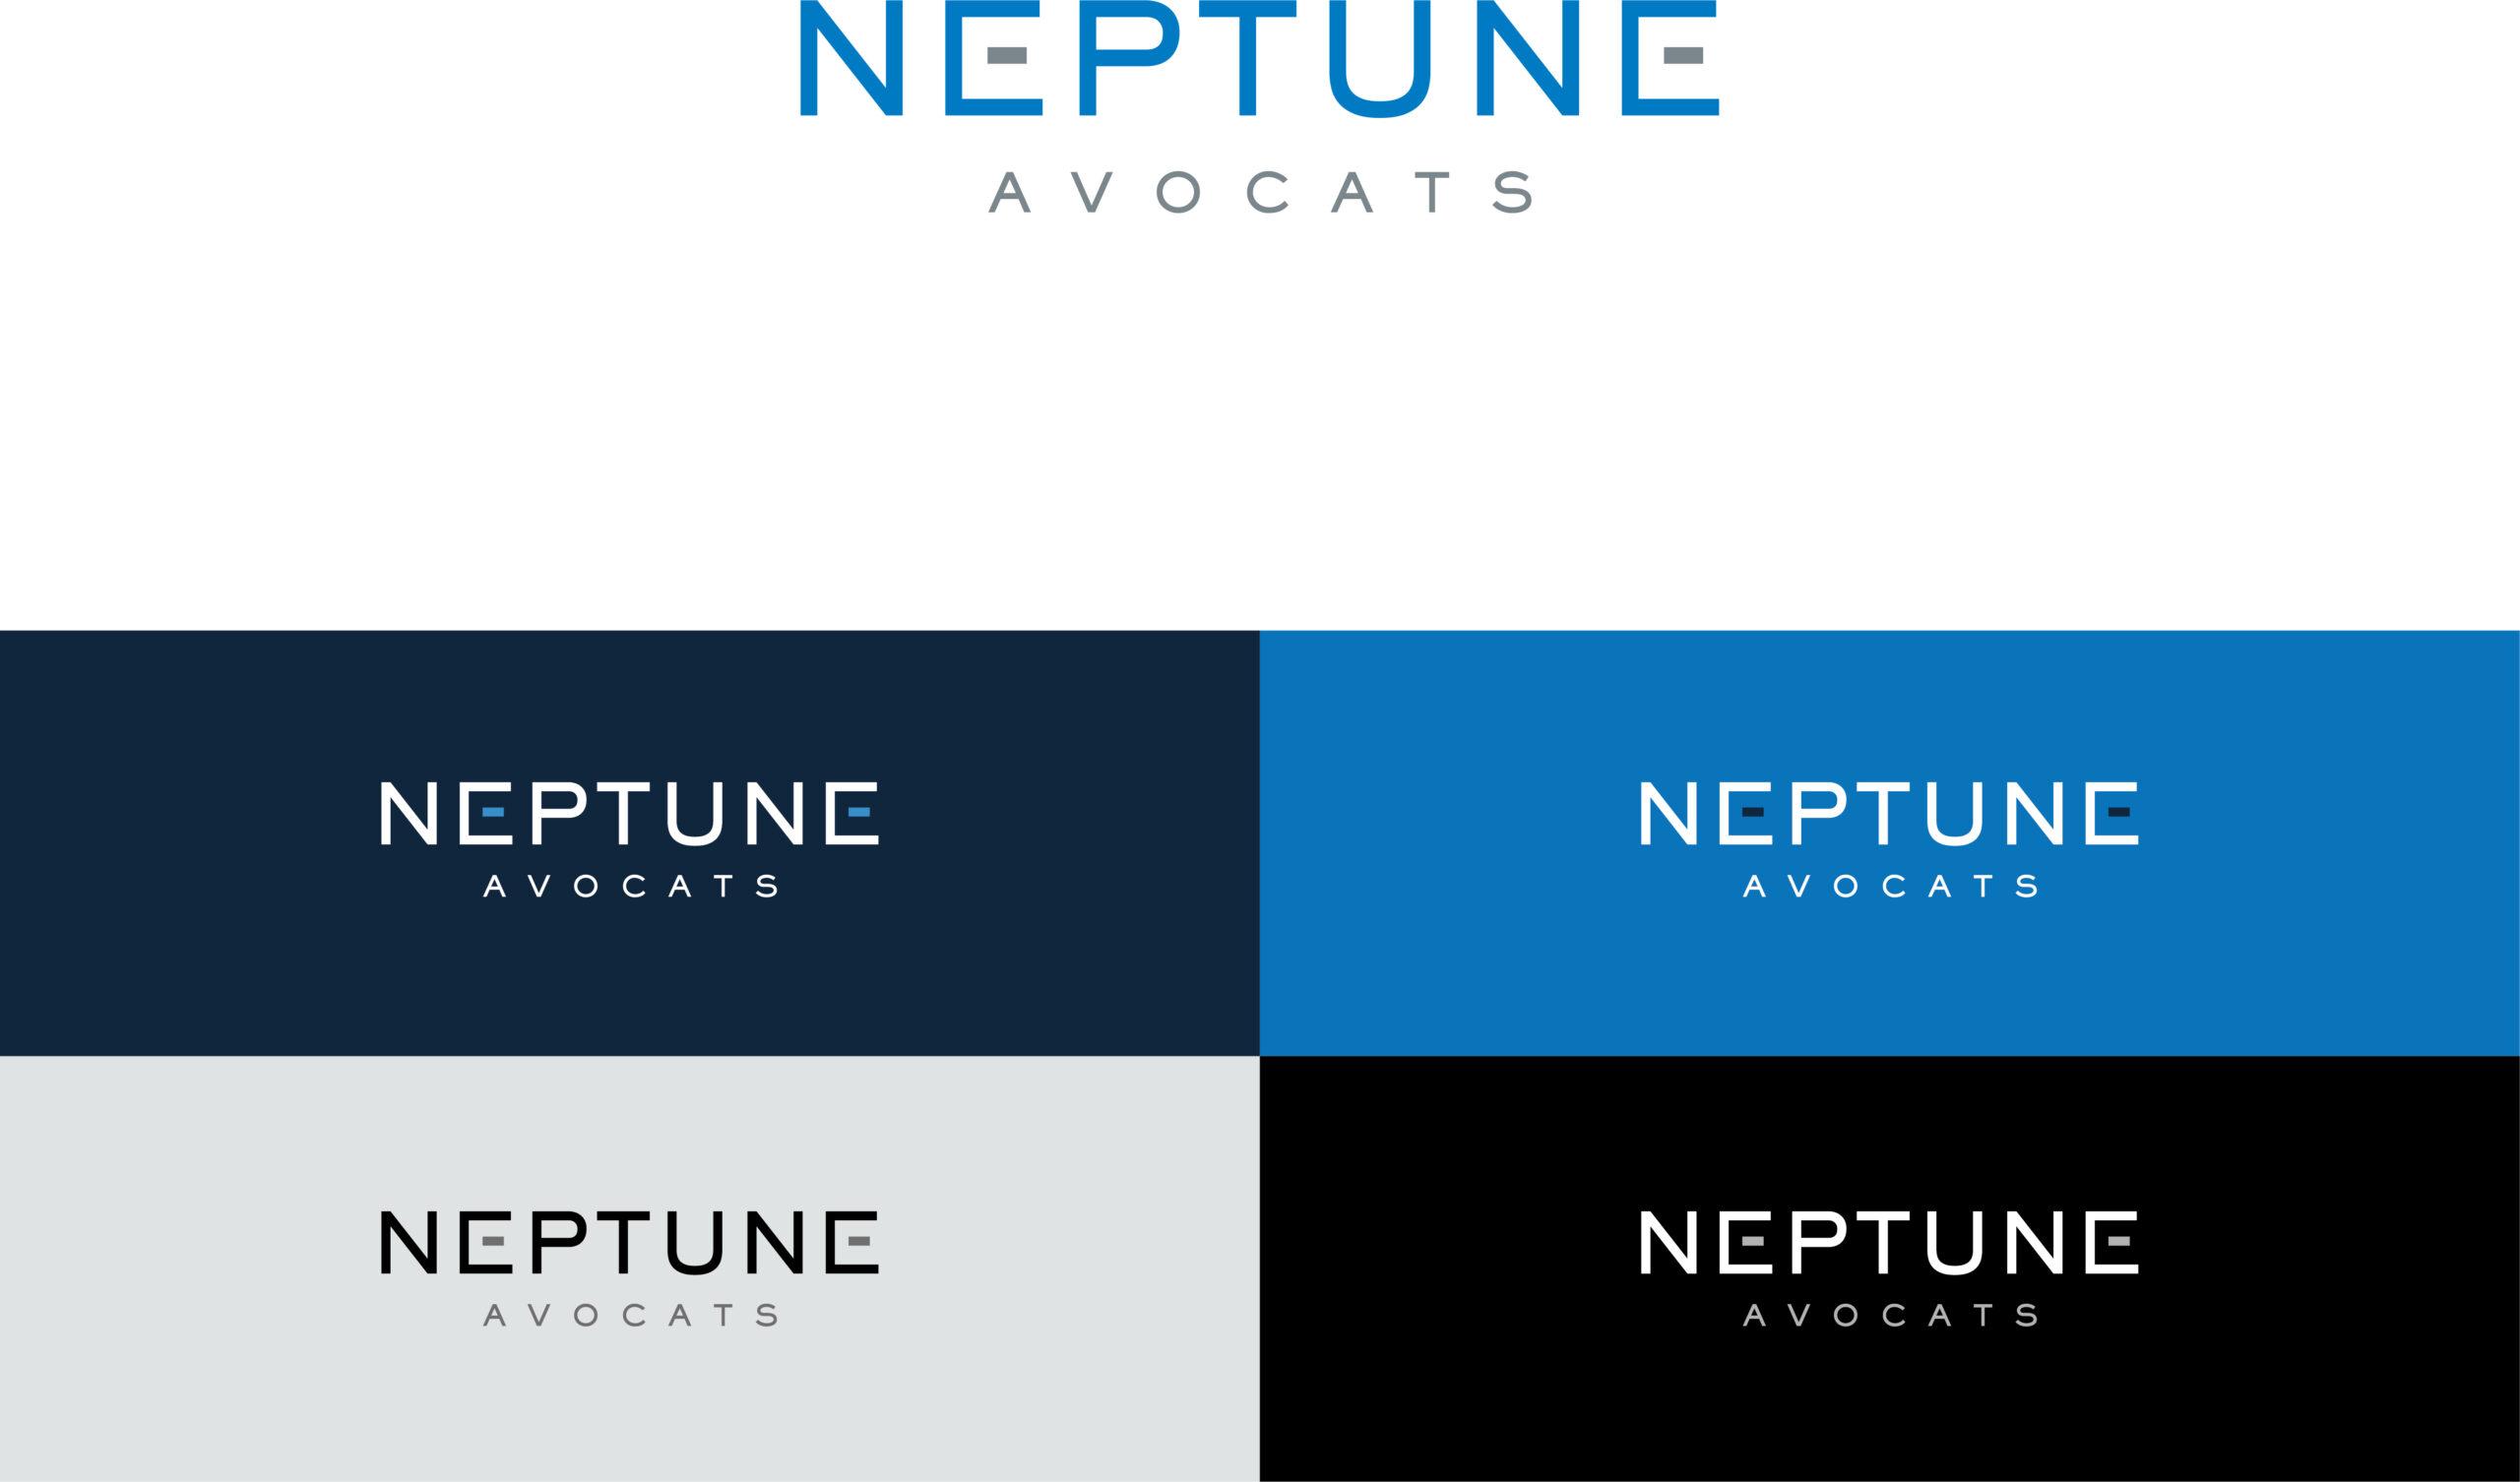 Neptune Avocats identité logo